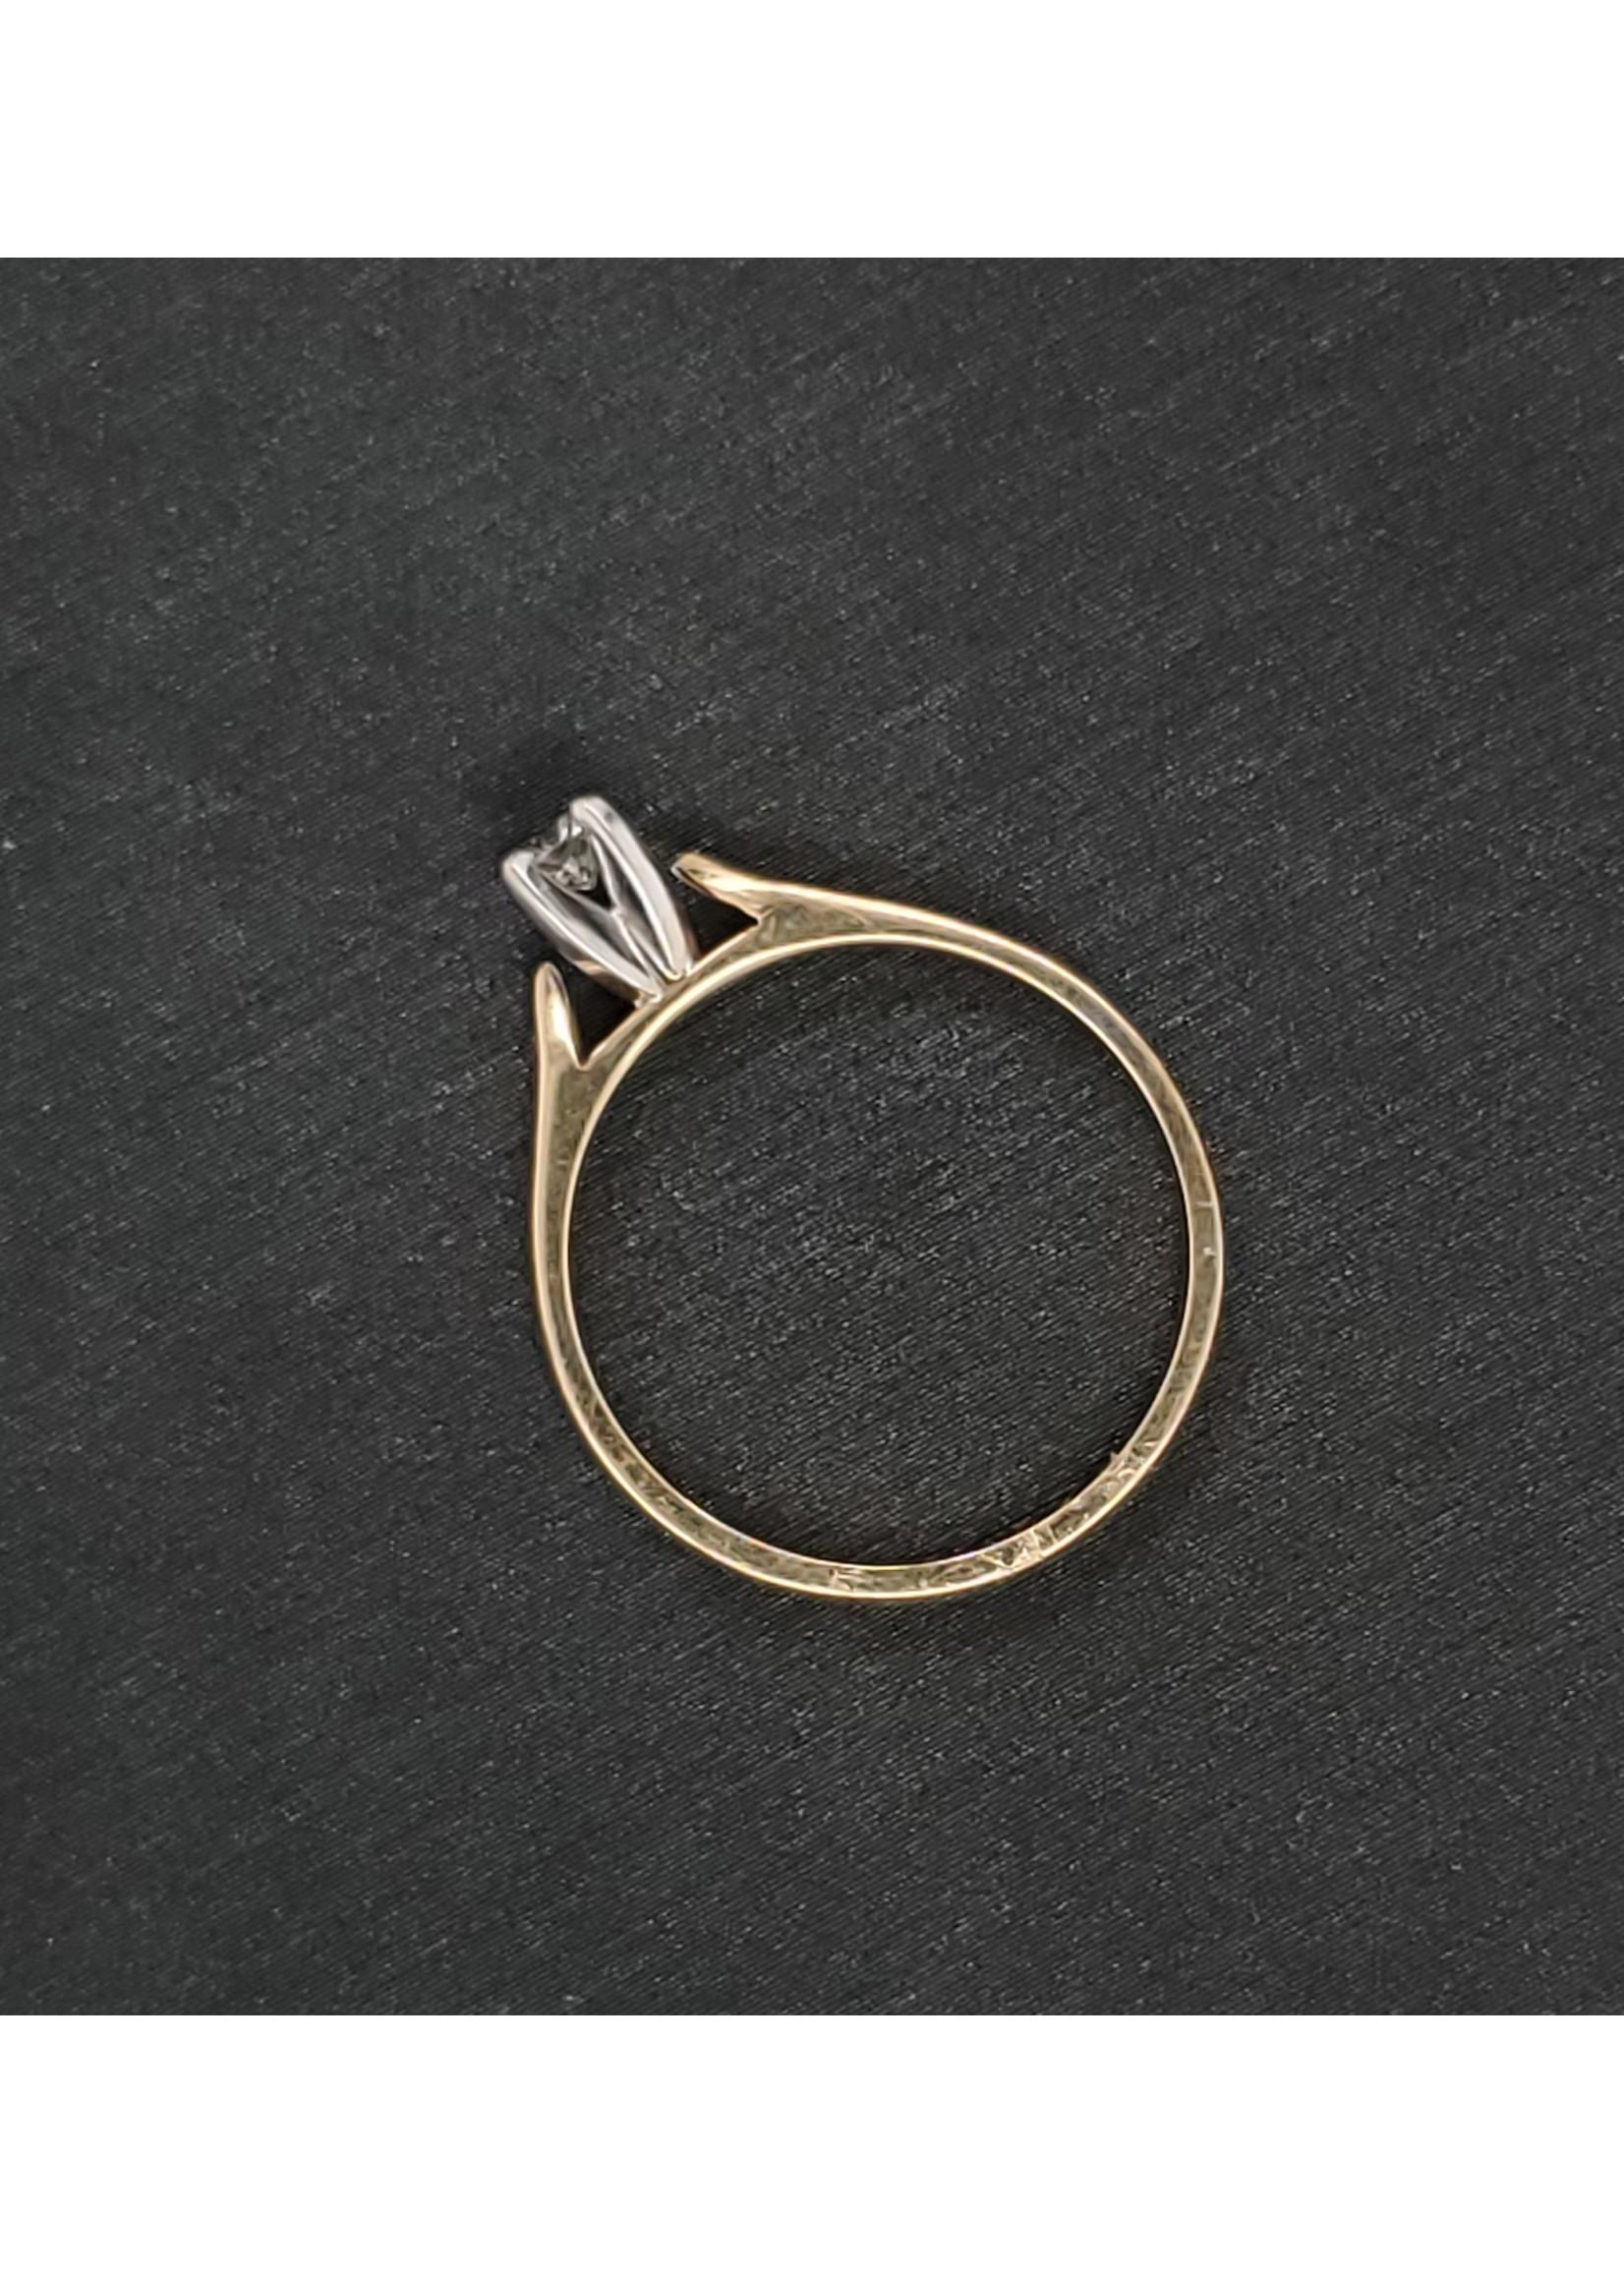 Vintage Jewellery Vintage Solitaire   Sz 6 2mm Diam I1 , K-L